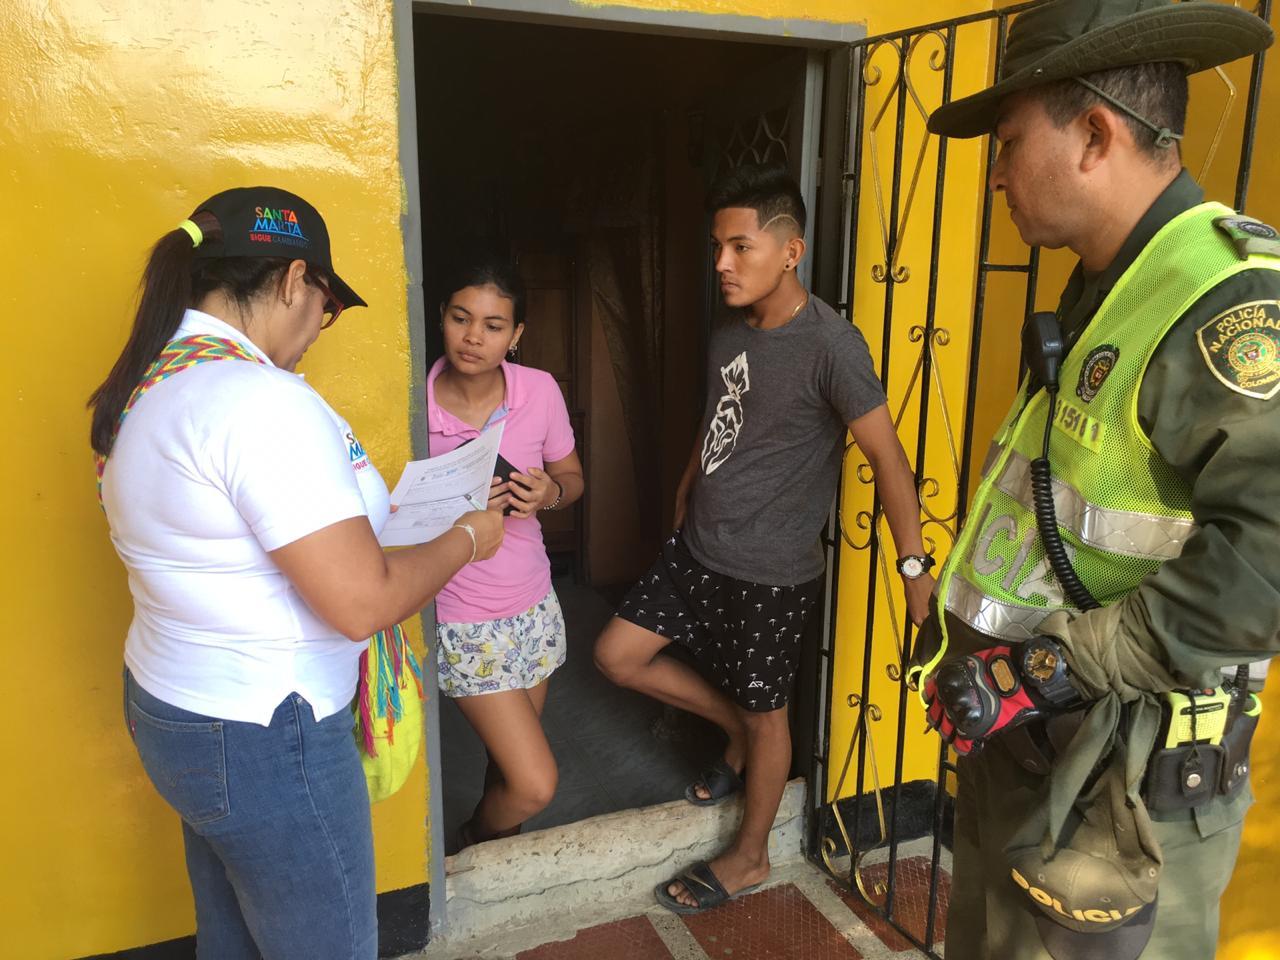 Alcaldía de Santa Marta adelanta encuesta de percepción de olores en alrededores de IED 11de Noviembre